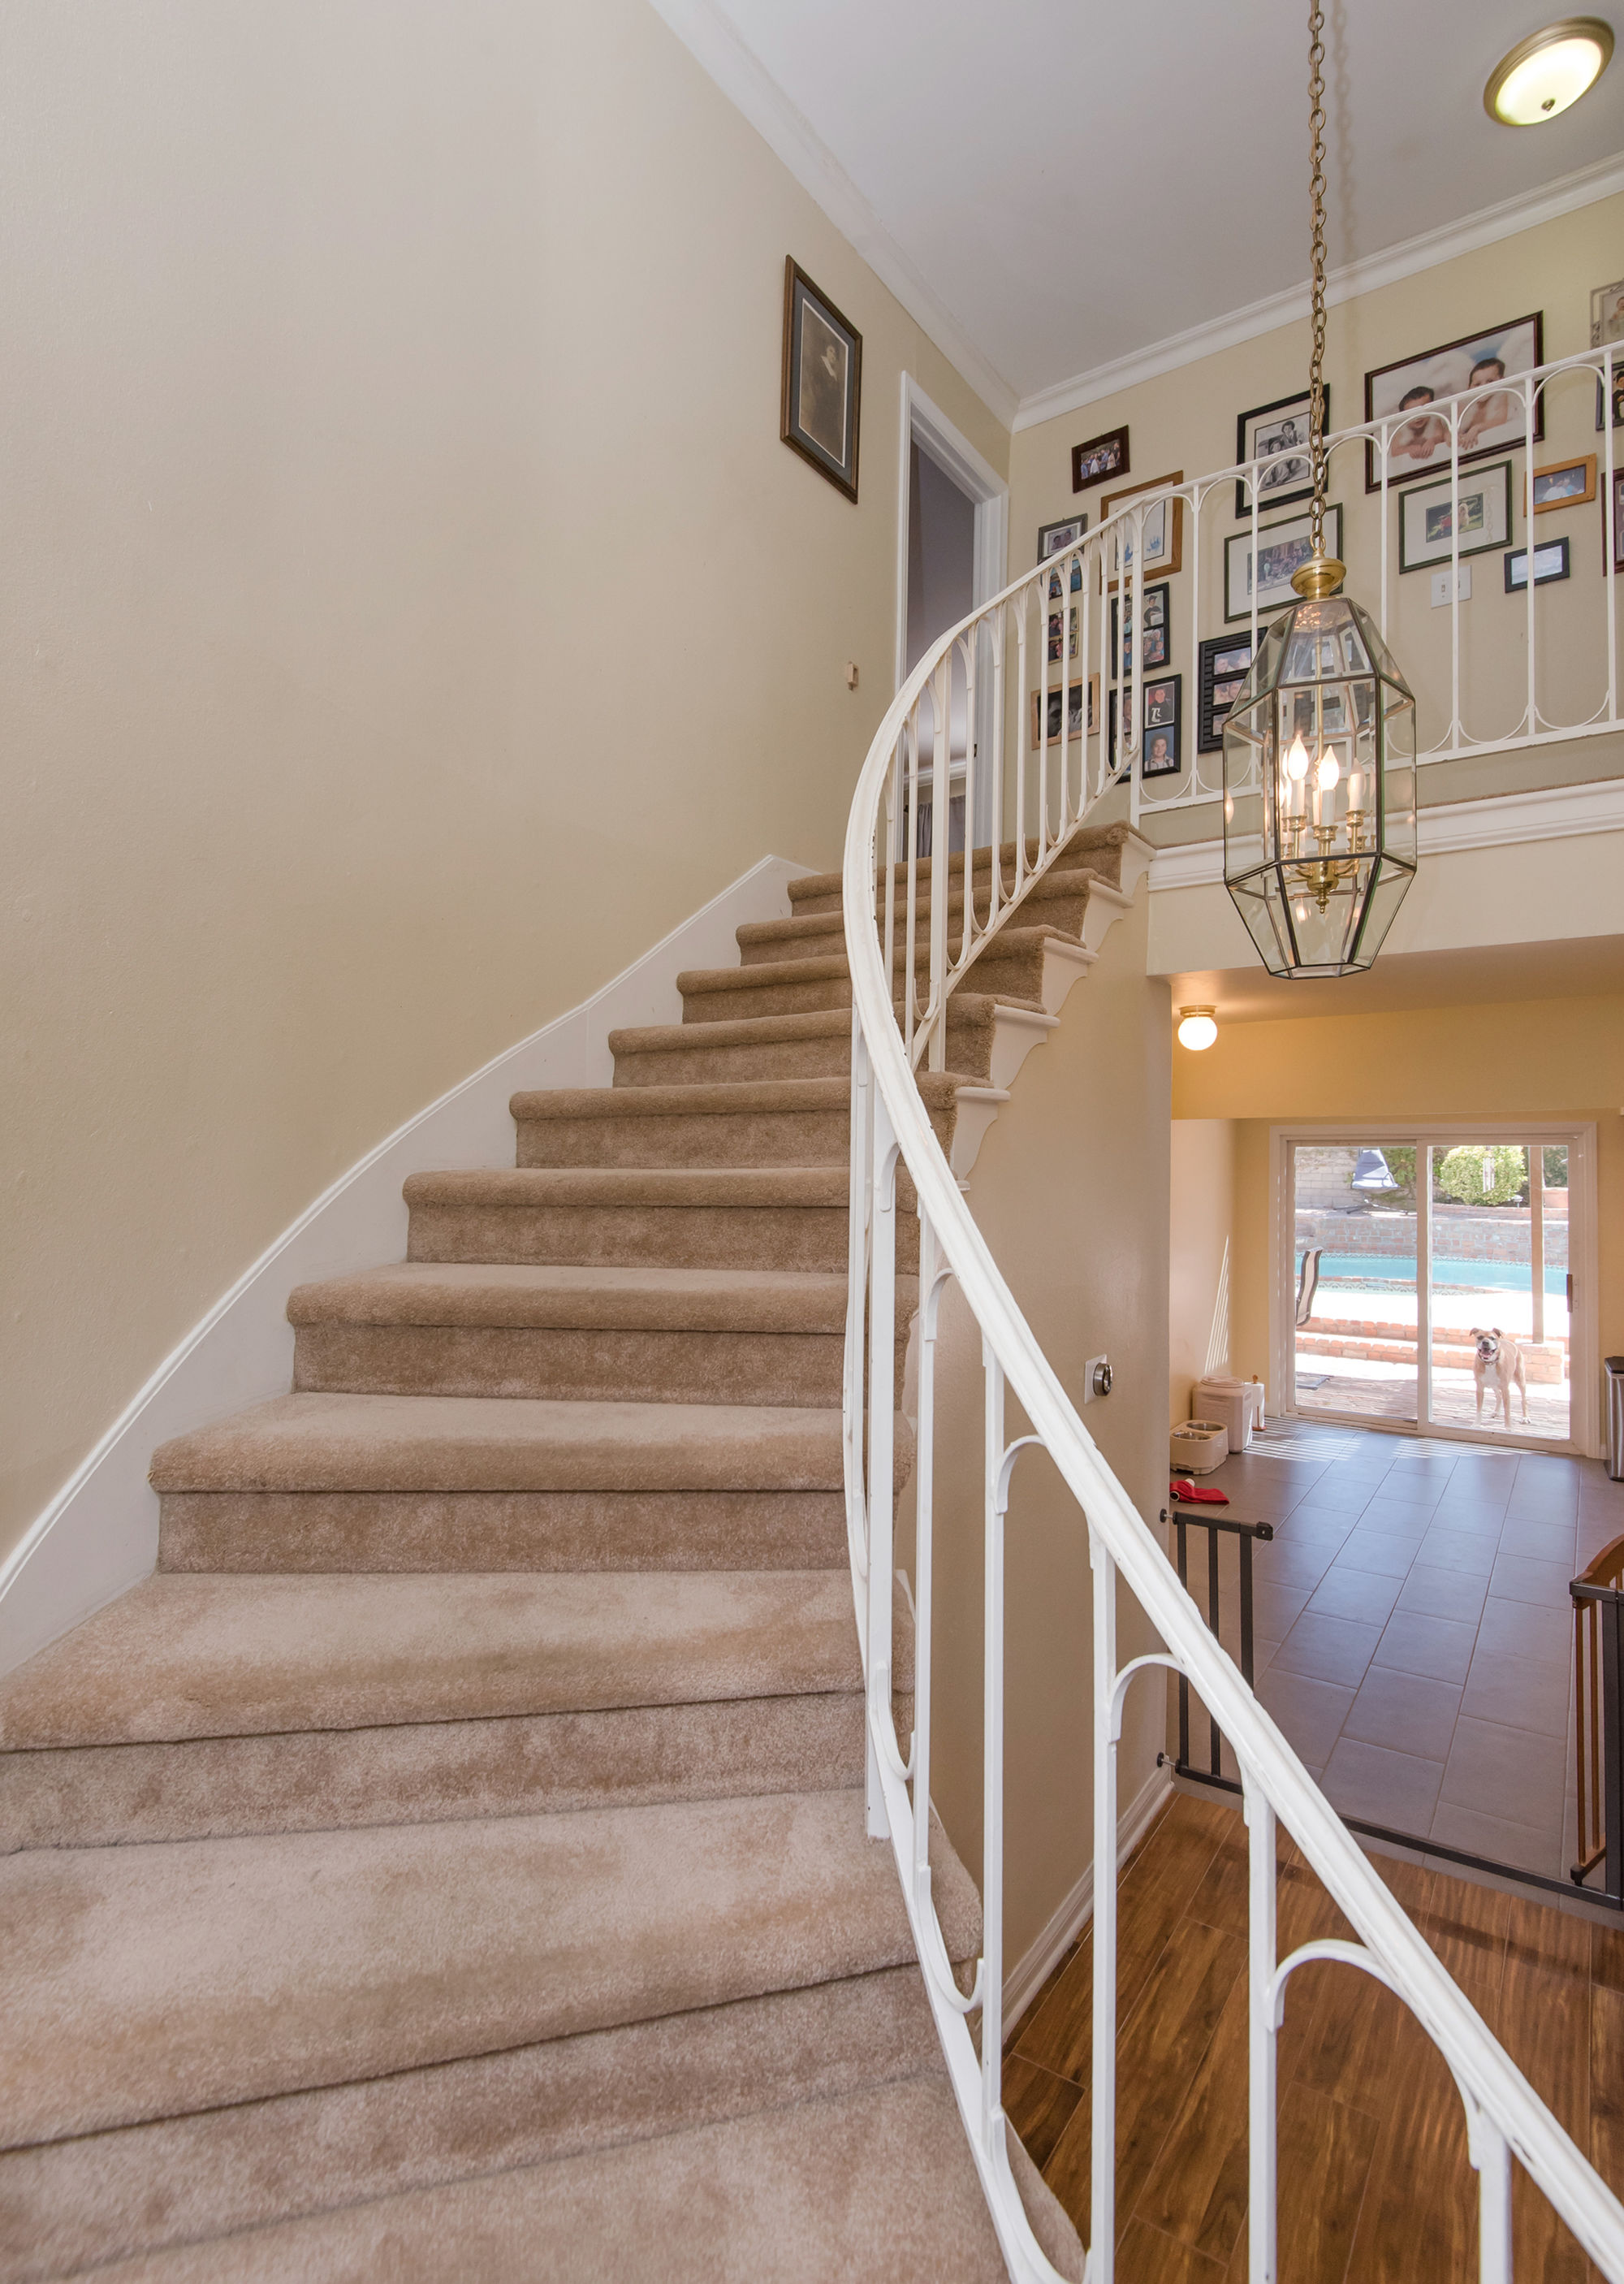 2000px-Stairwell.jpg